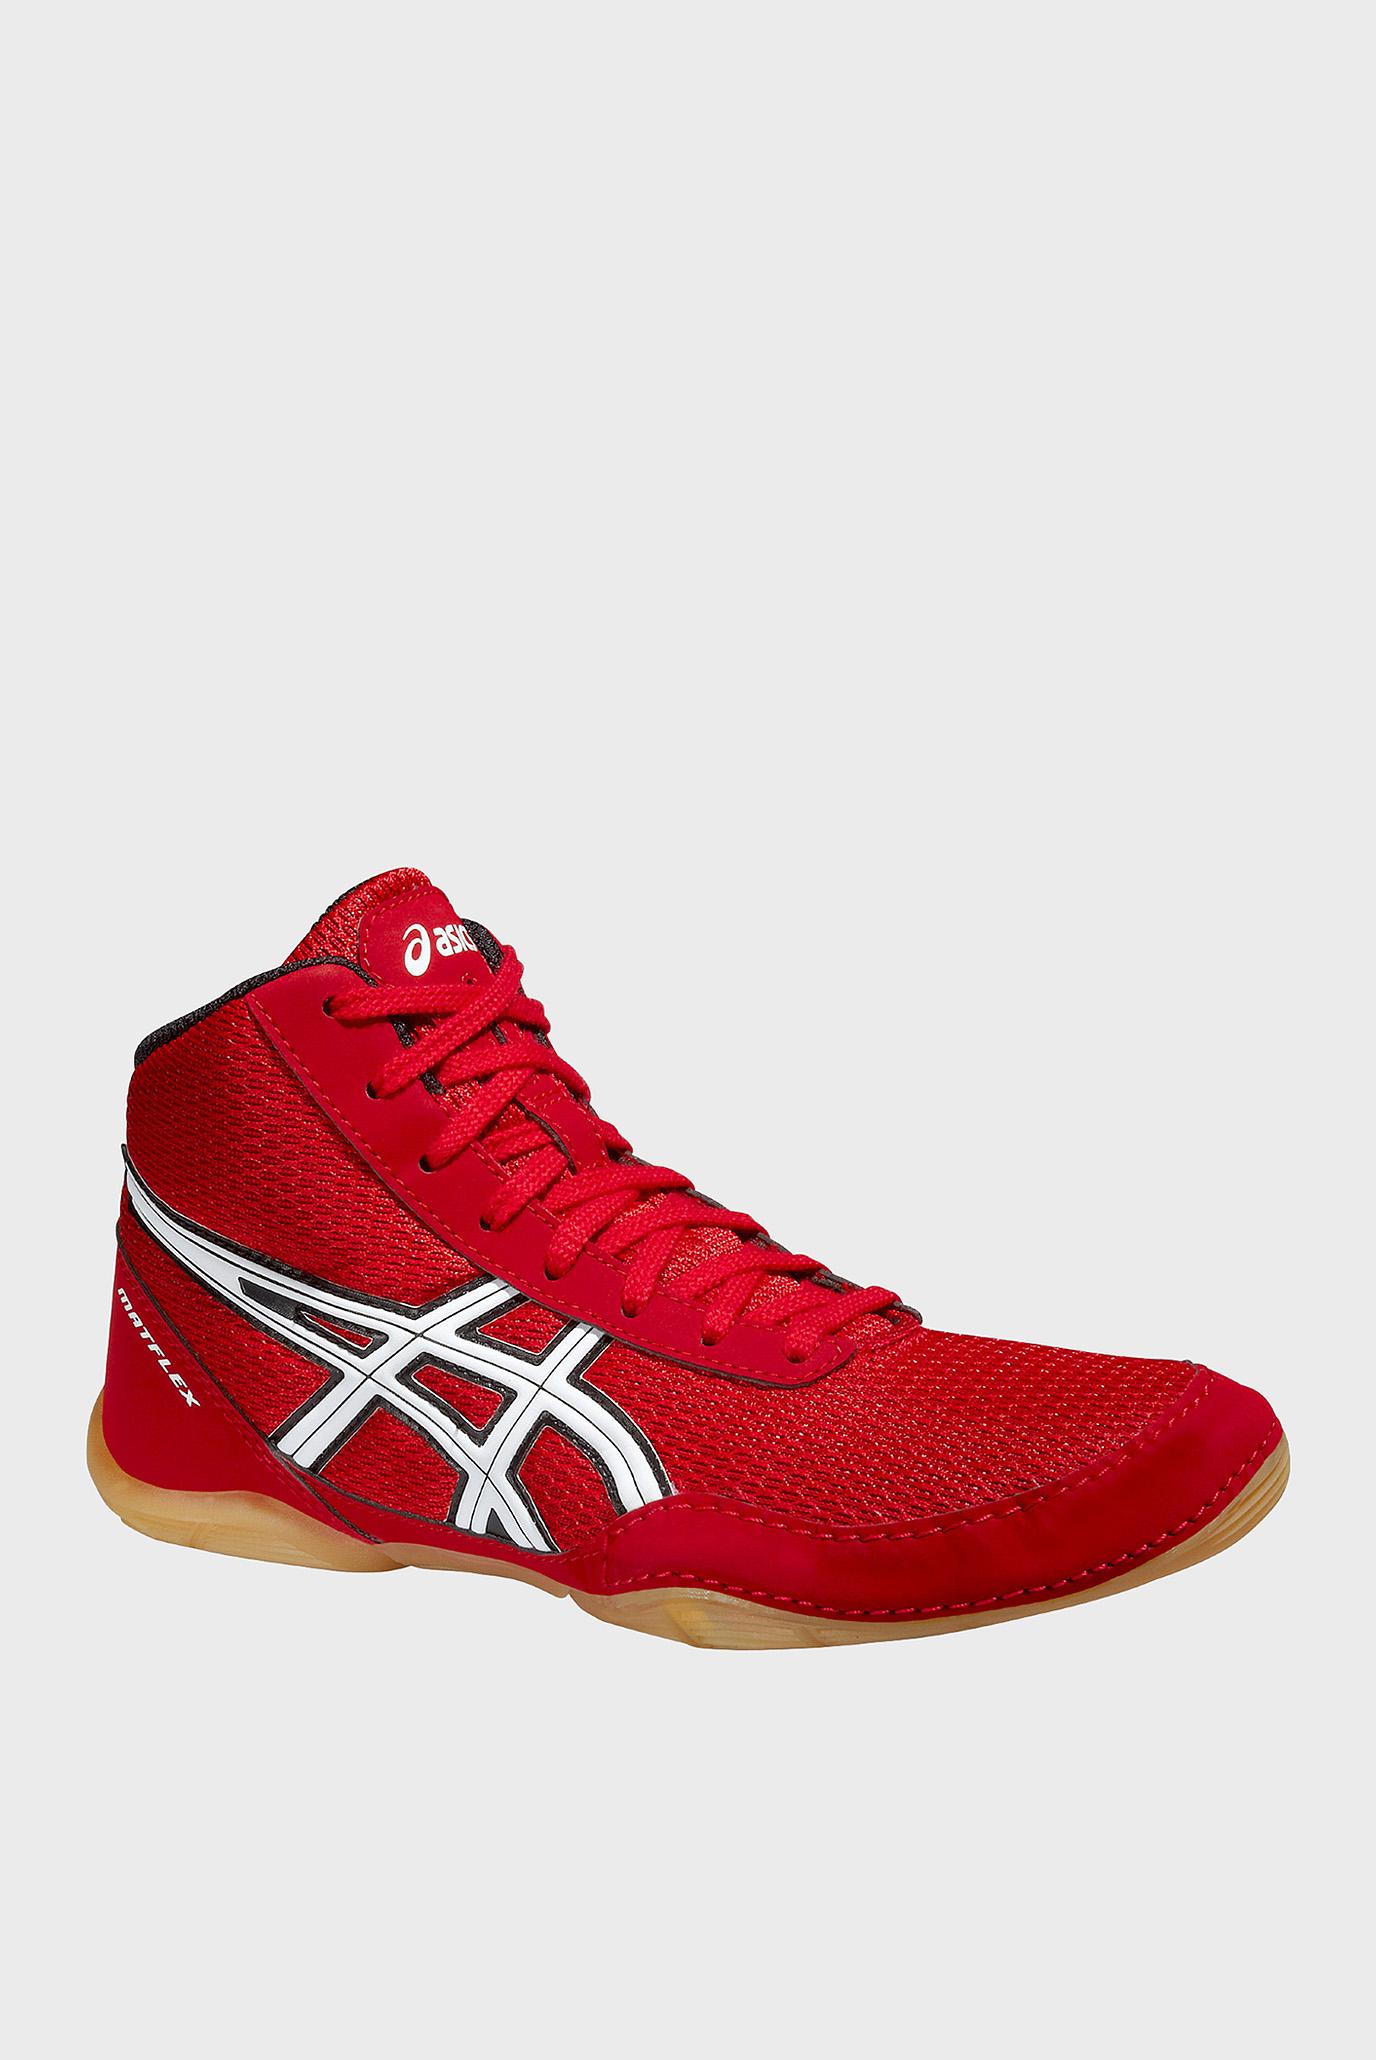 Детские  красные кроссовки для борьбы MATFLEX 5 GS 1